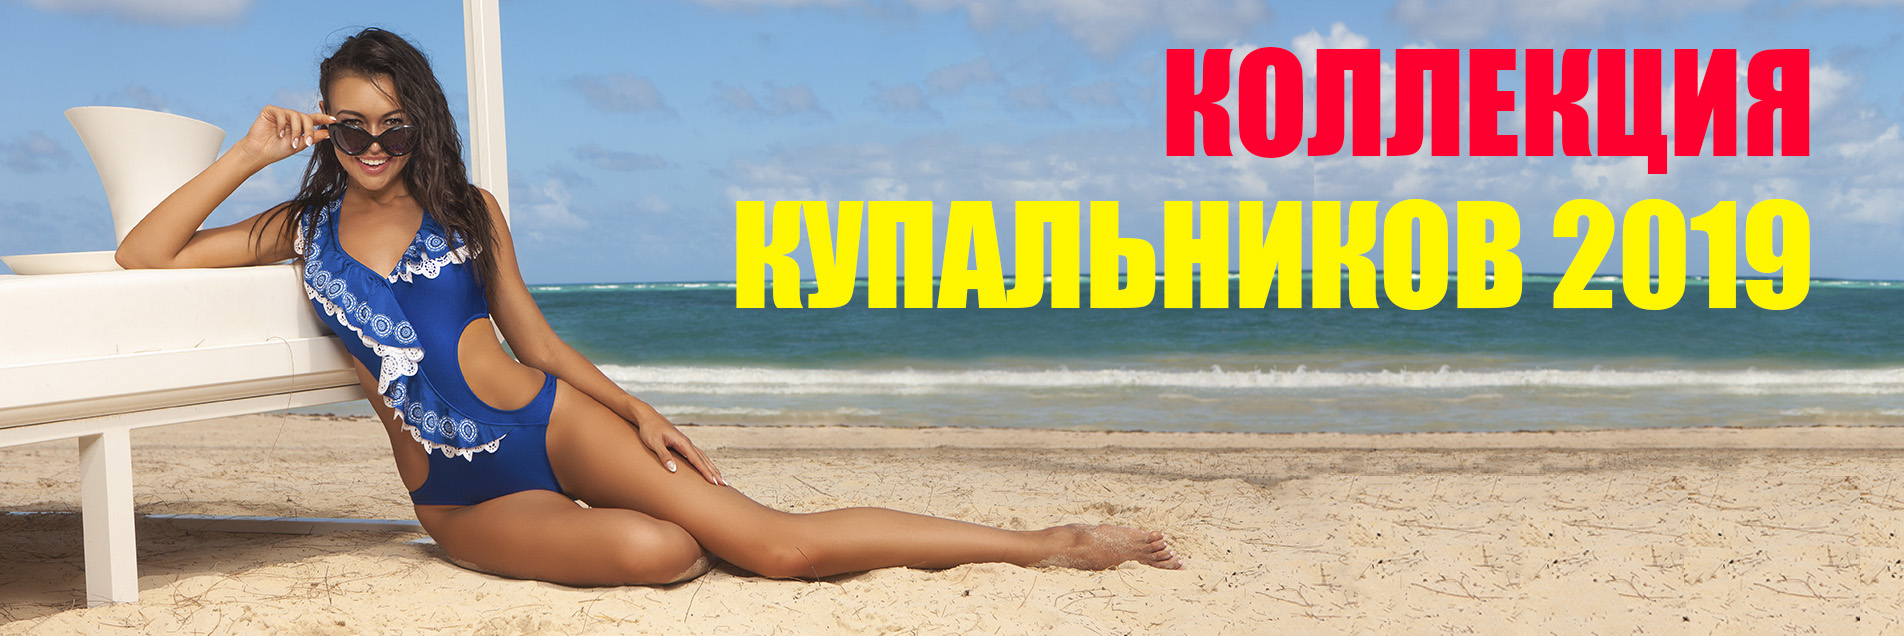 512e5f5c2136 Charmante - Официальный сайт, интернет-магазин: пляжная одежда ...